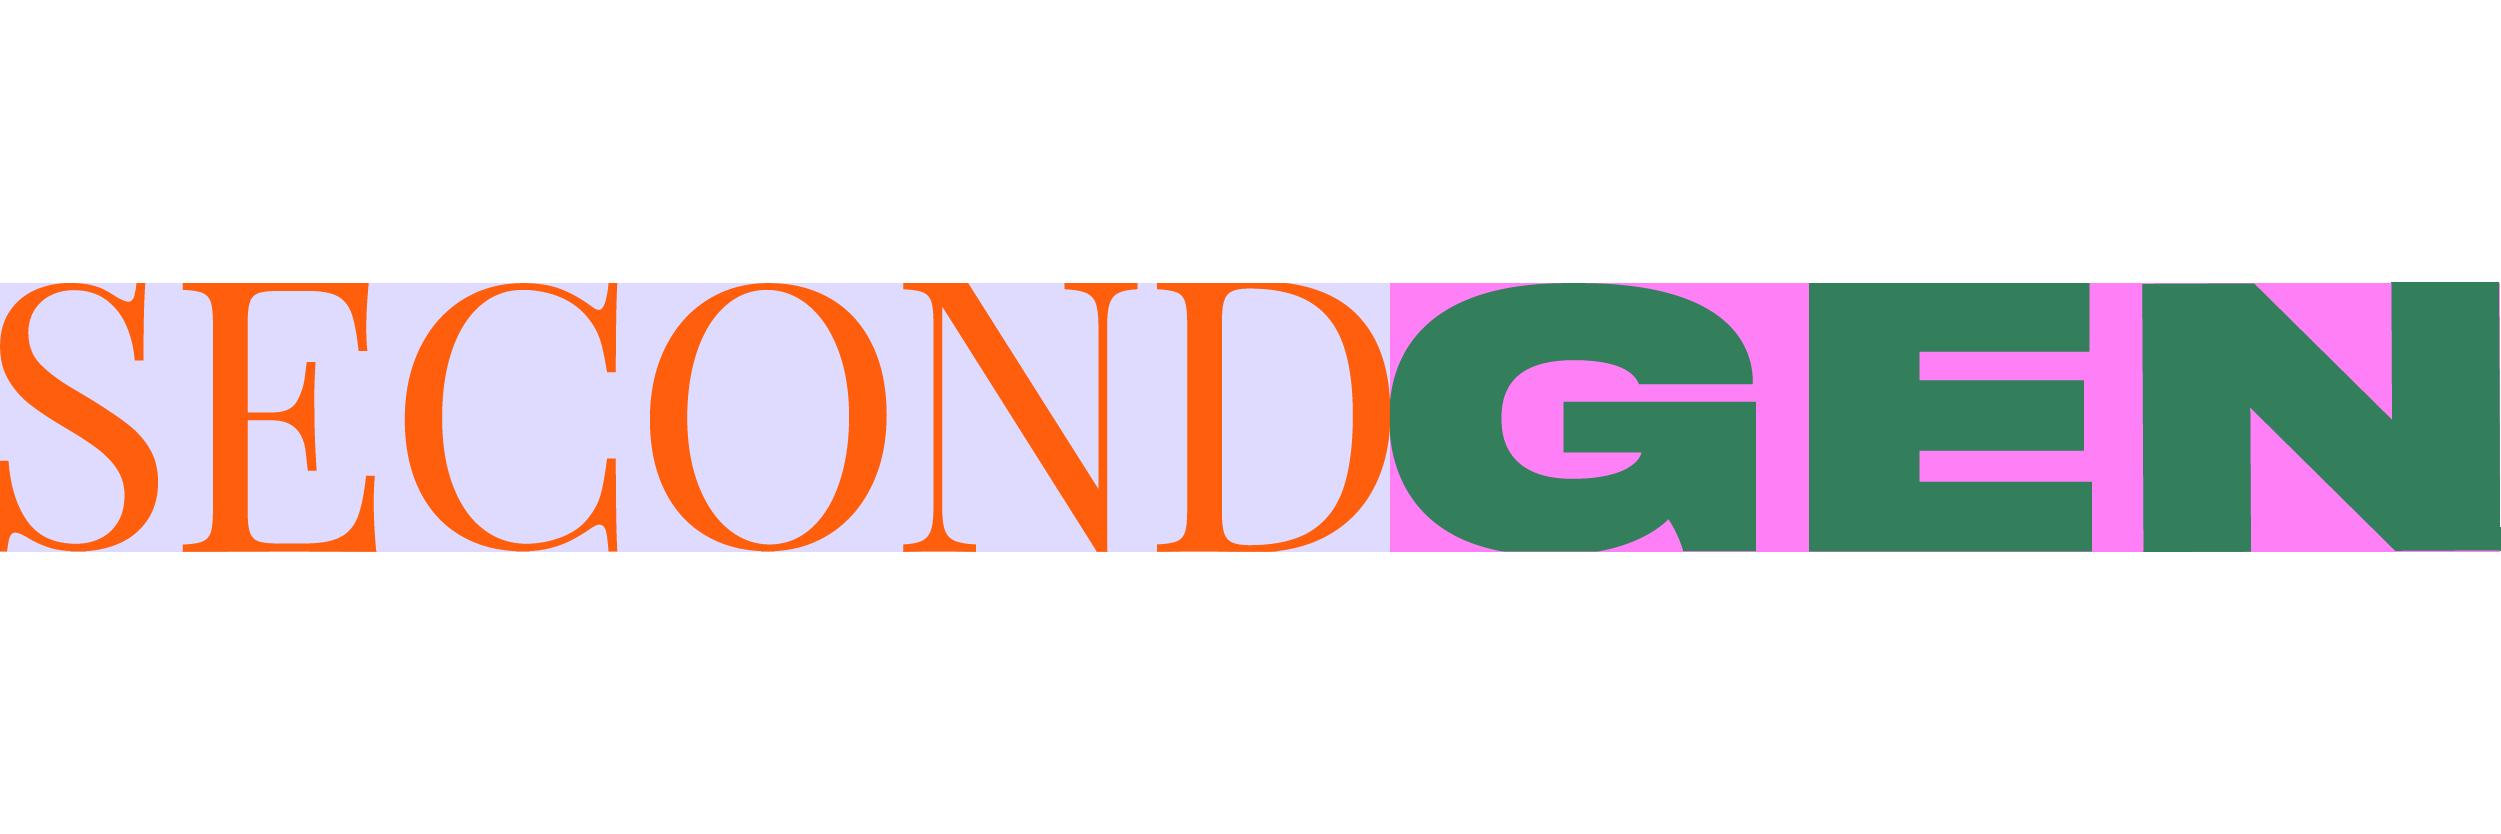 Second Gen